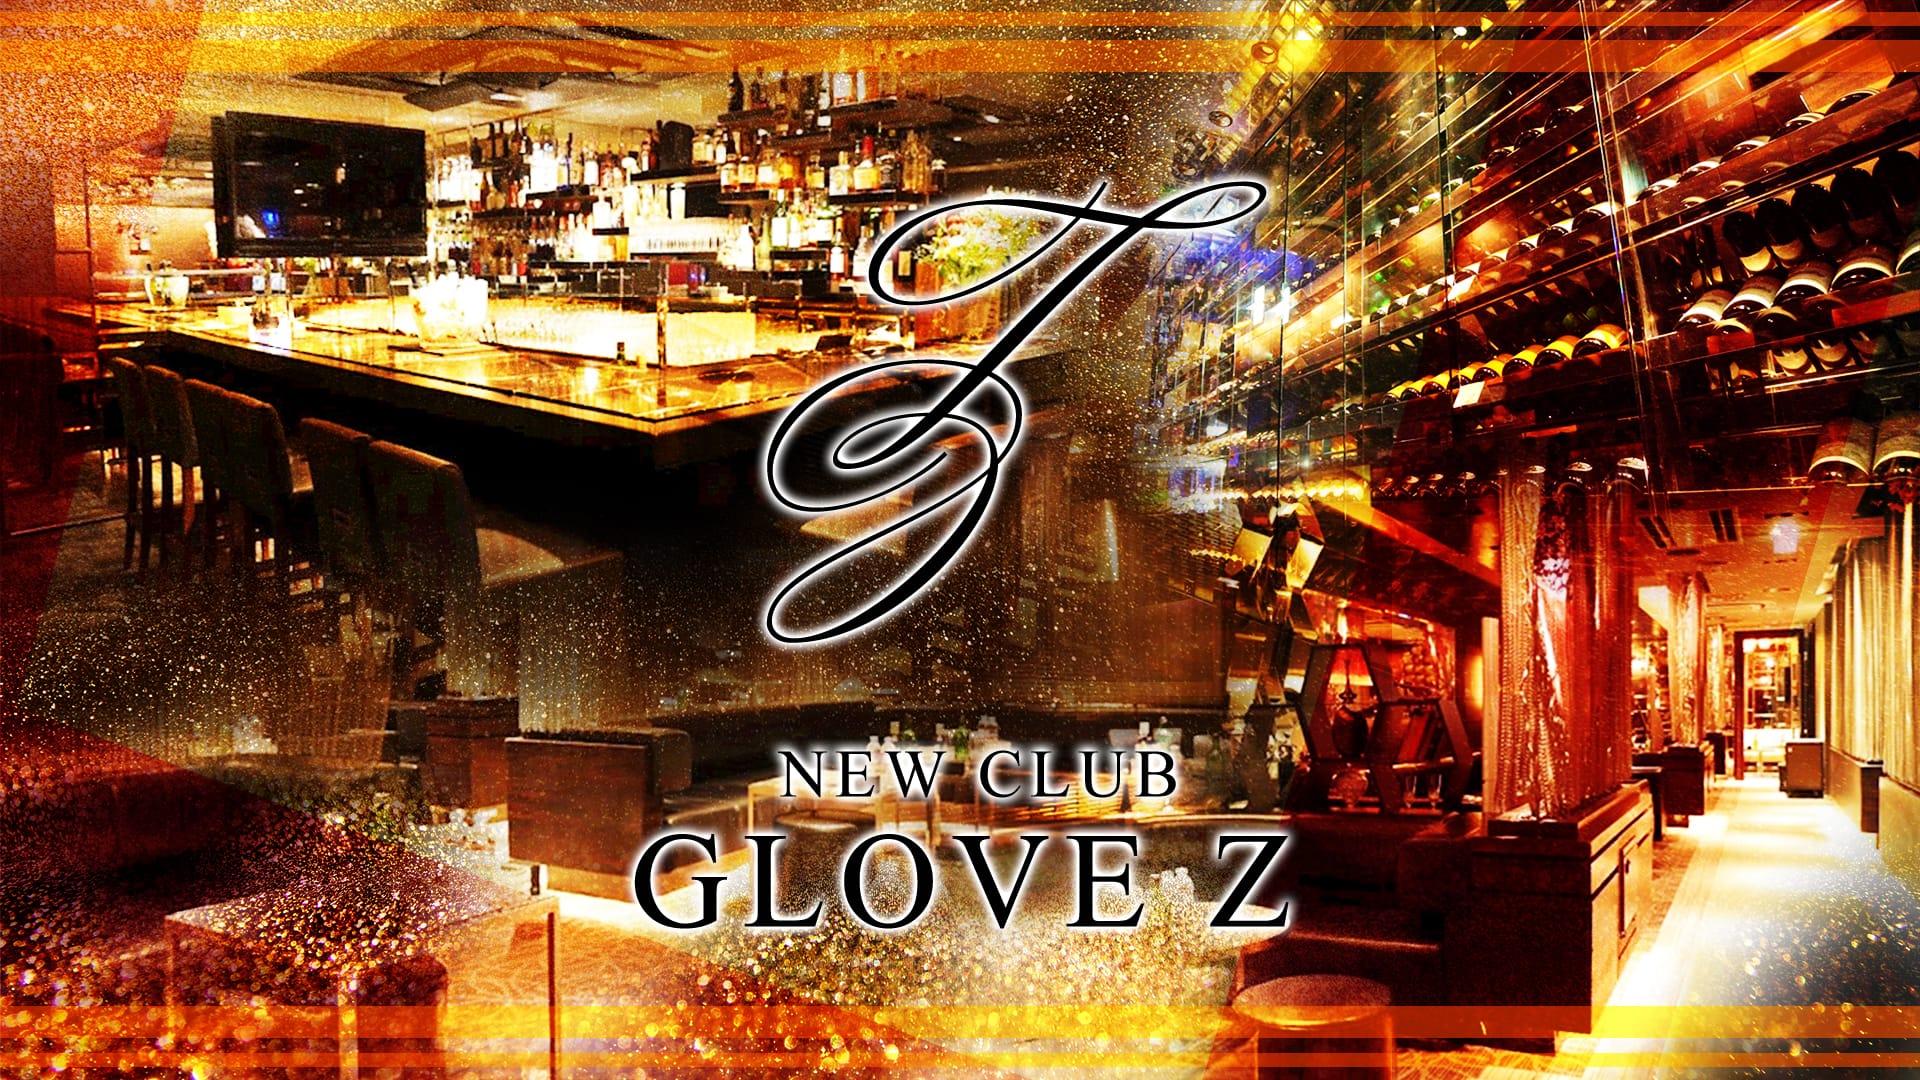 NEW CLUB GLOVE Z(グローブゼット) 大宮キャバクラ TOP画像